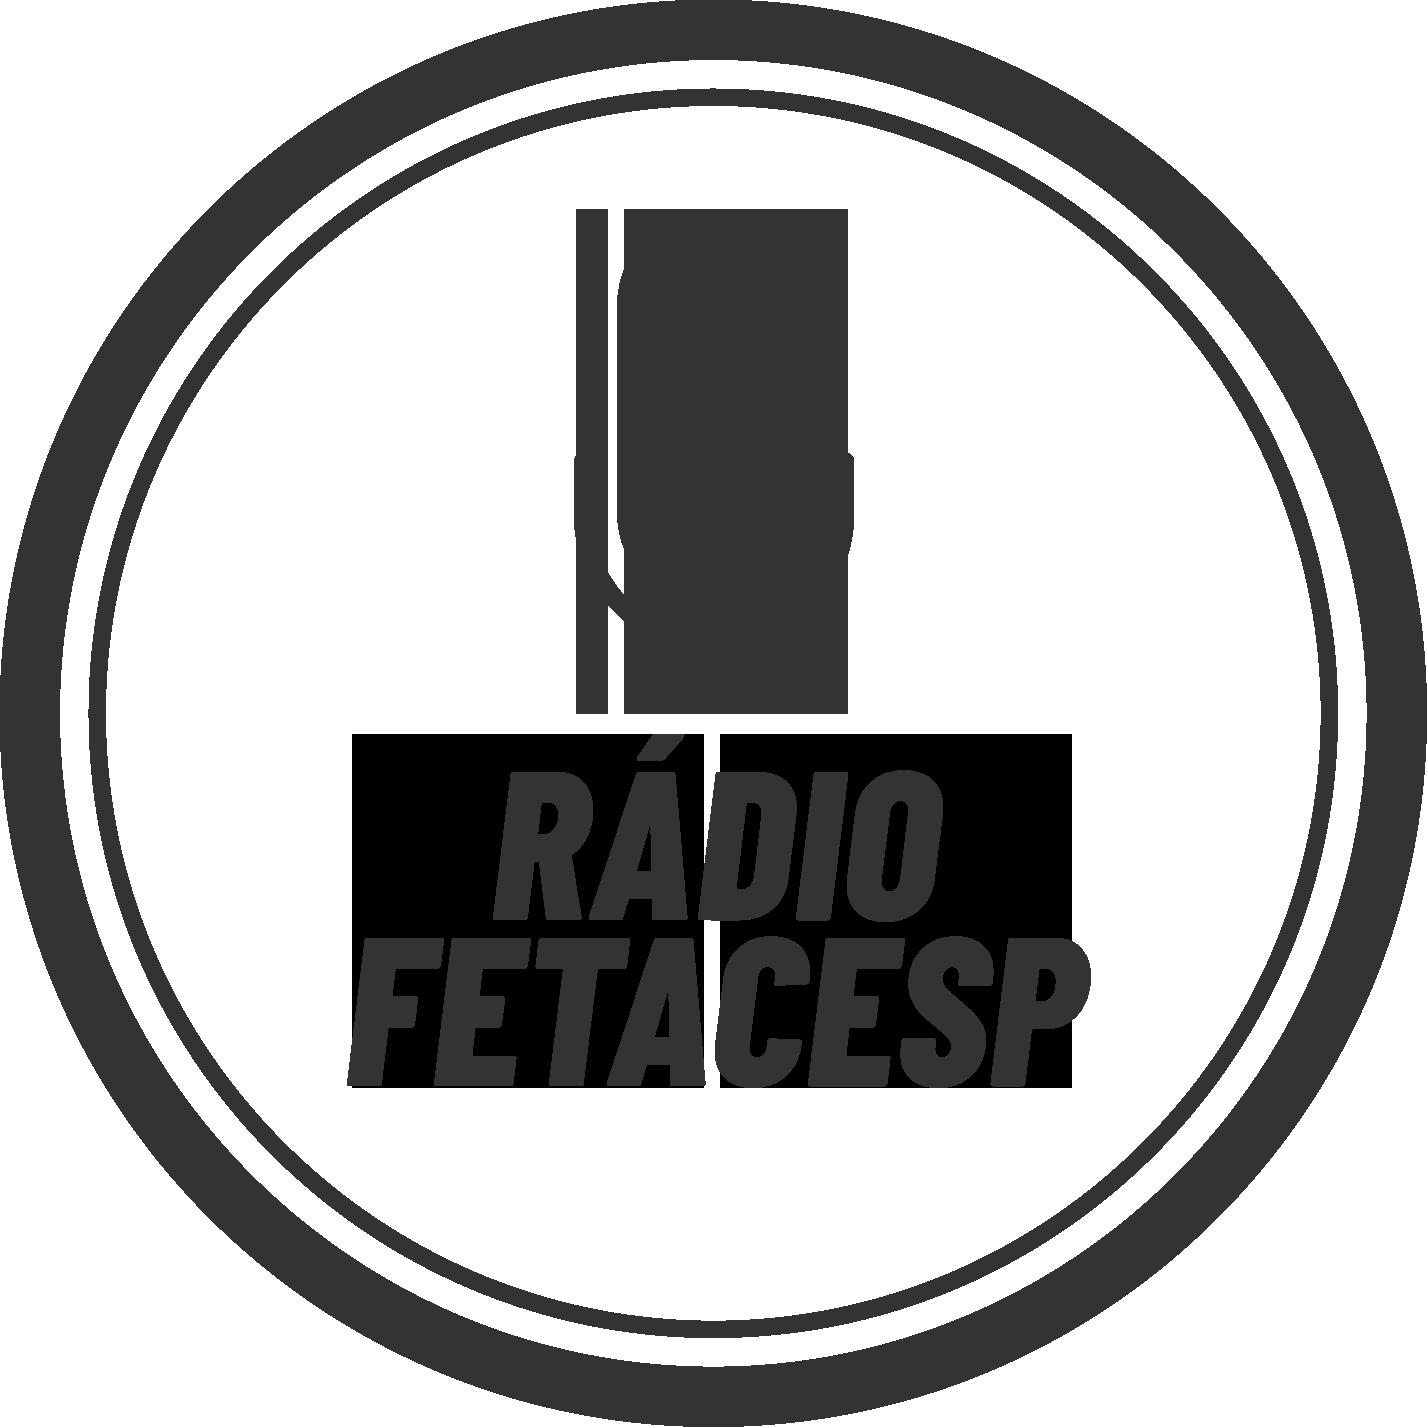 Rádio FETACESP